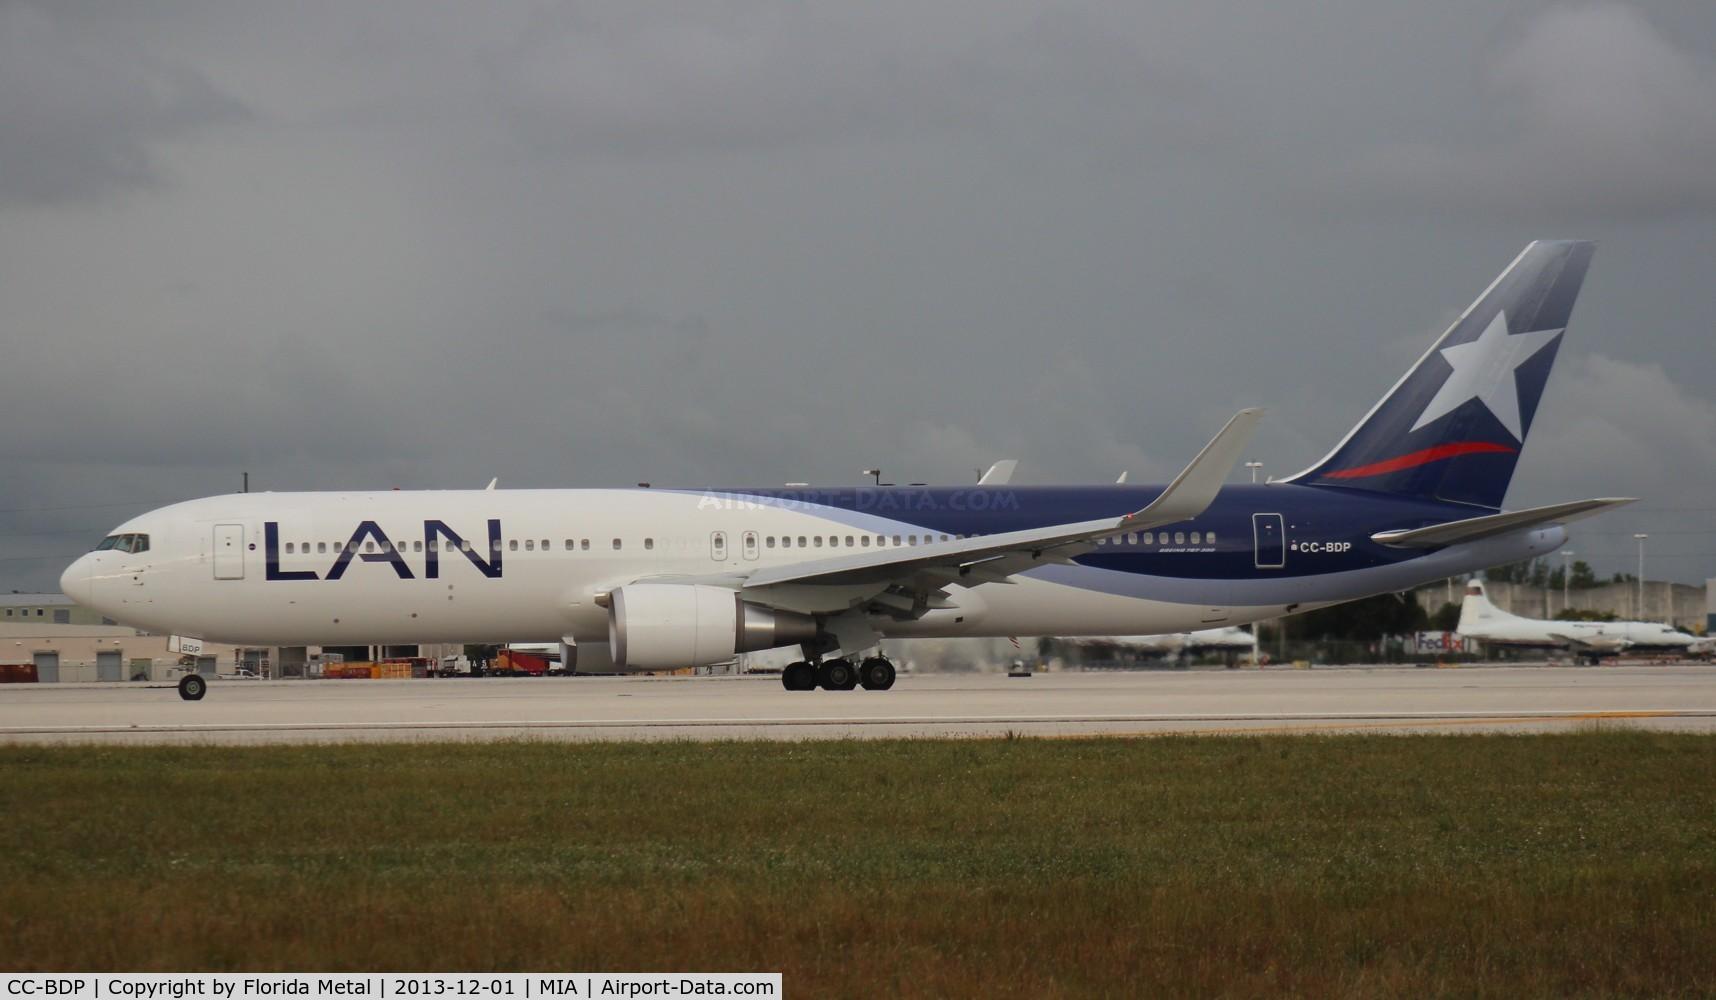 CC-BDP, 2013 Boeing 767-316/ER C/N 41997, LAN 767-300